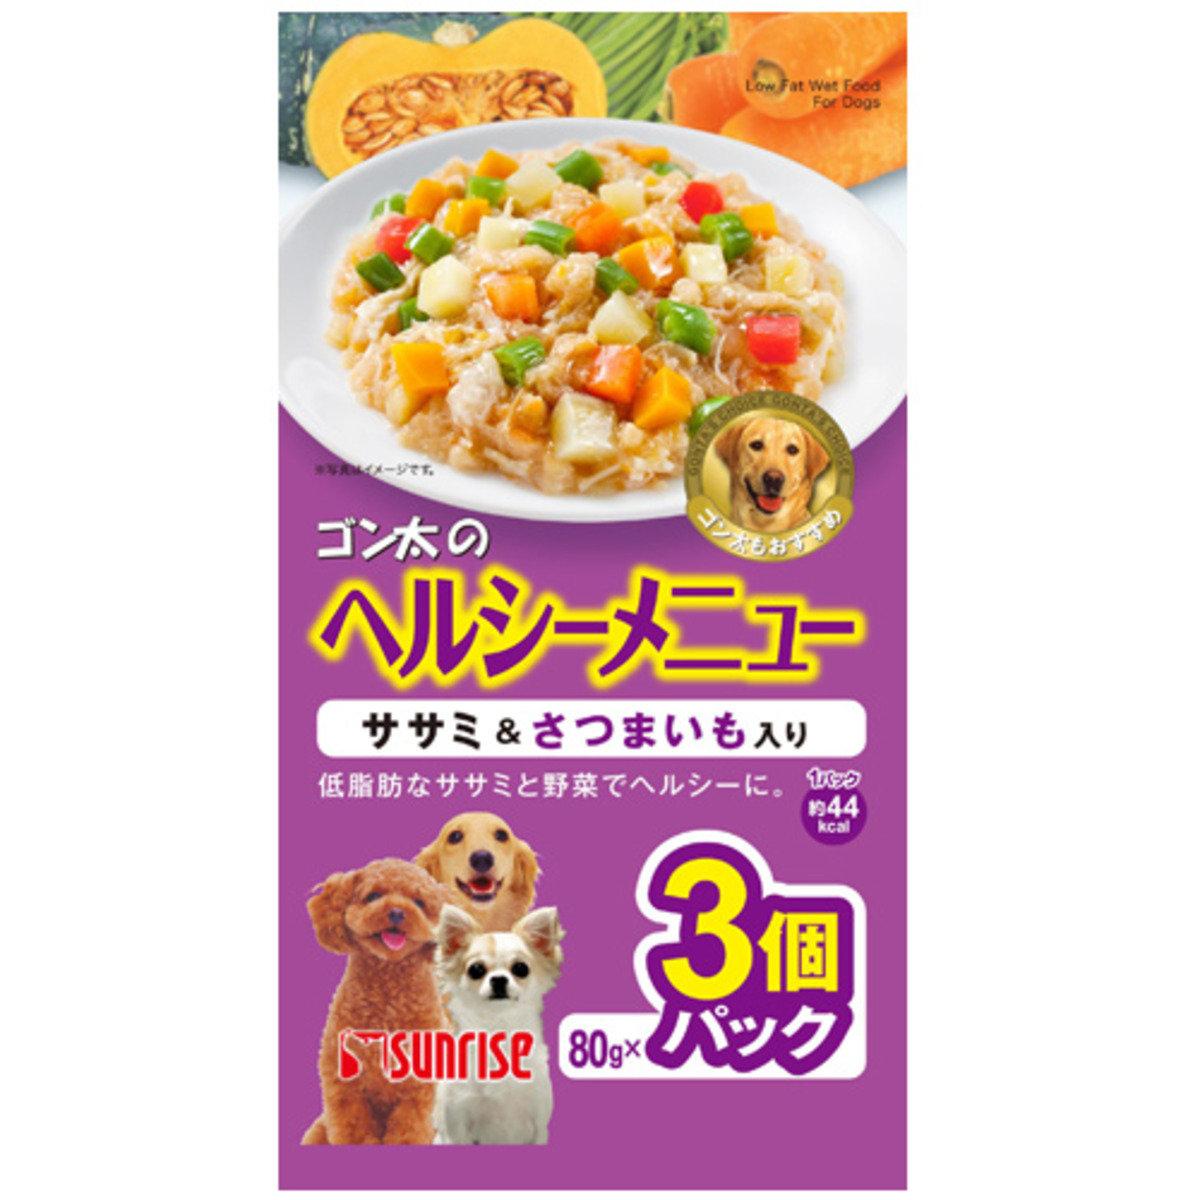 日本 SUNRISE 雞肉蔬菜甘藷濕糧 80g x 3